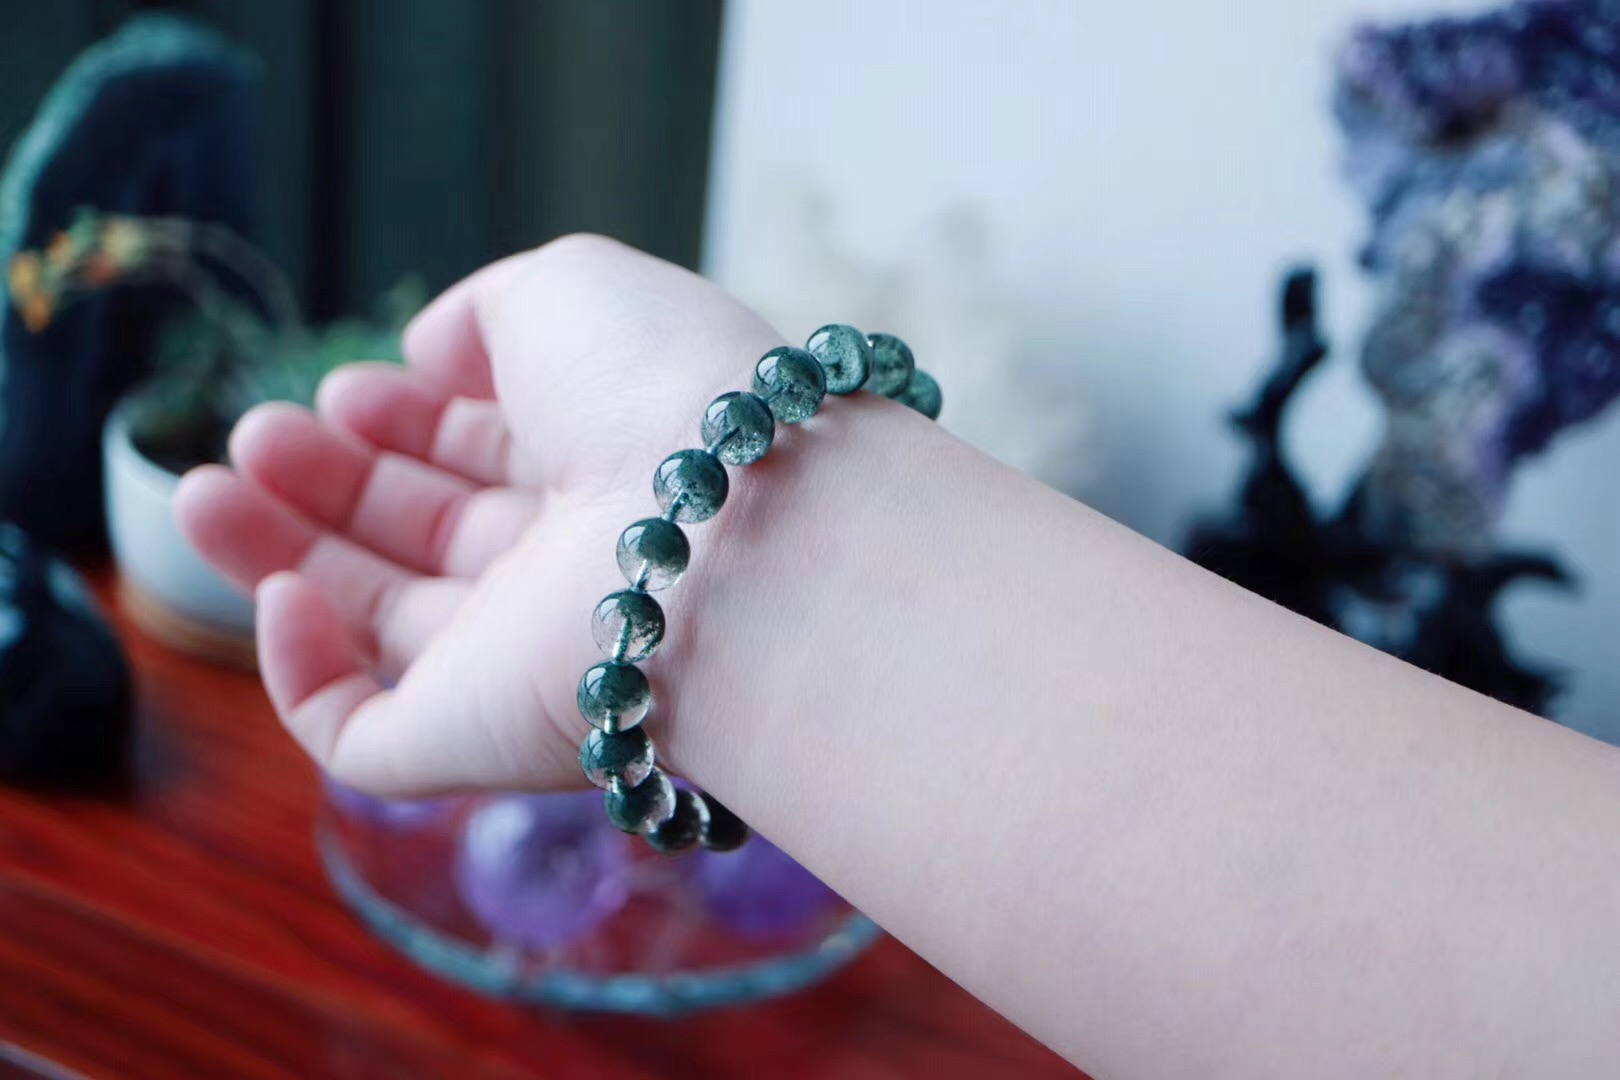 【菩心-绿幽灵&养心之石】绿幽灵是个低调的晶石,就如他的名字一般。-菩心晶舍